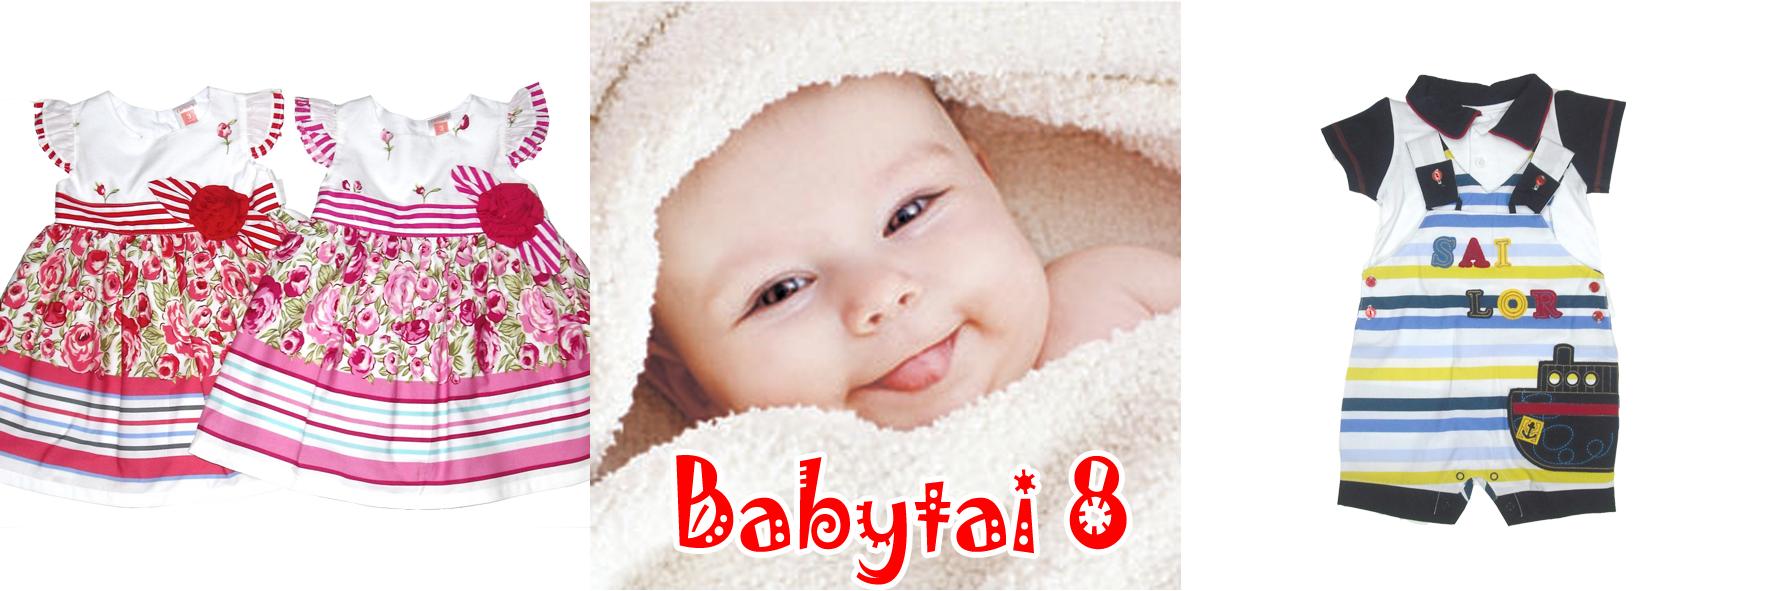 ���� �������. Babytai - ������� ����� ������� ������ �� 0 � ������. ����������� ������ � �������. ����� 8